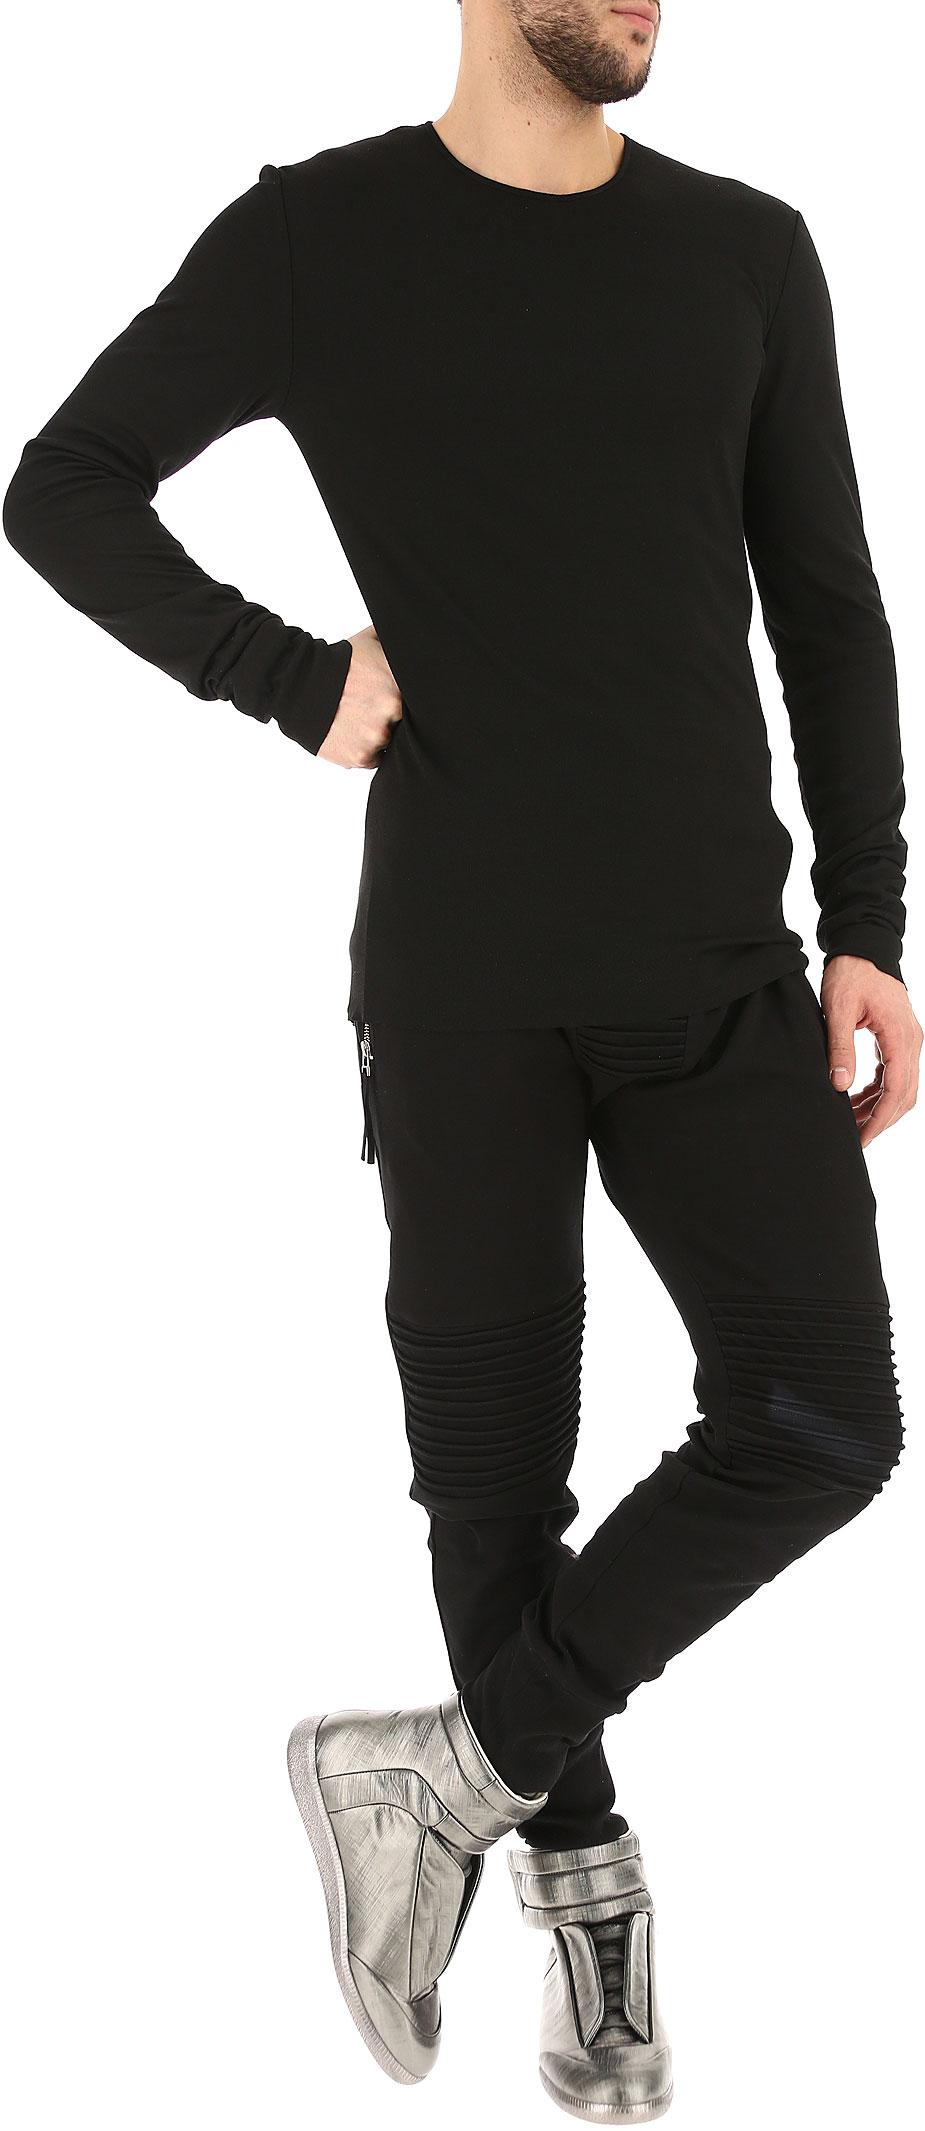 Unconditional Abbigliamento Uomo ner0 pip3 Codice Abbigliamento hc2c Articolo Uomo qrrHwntBx1